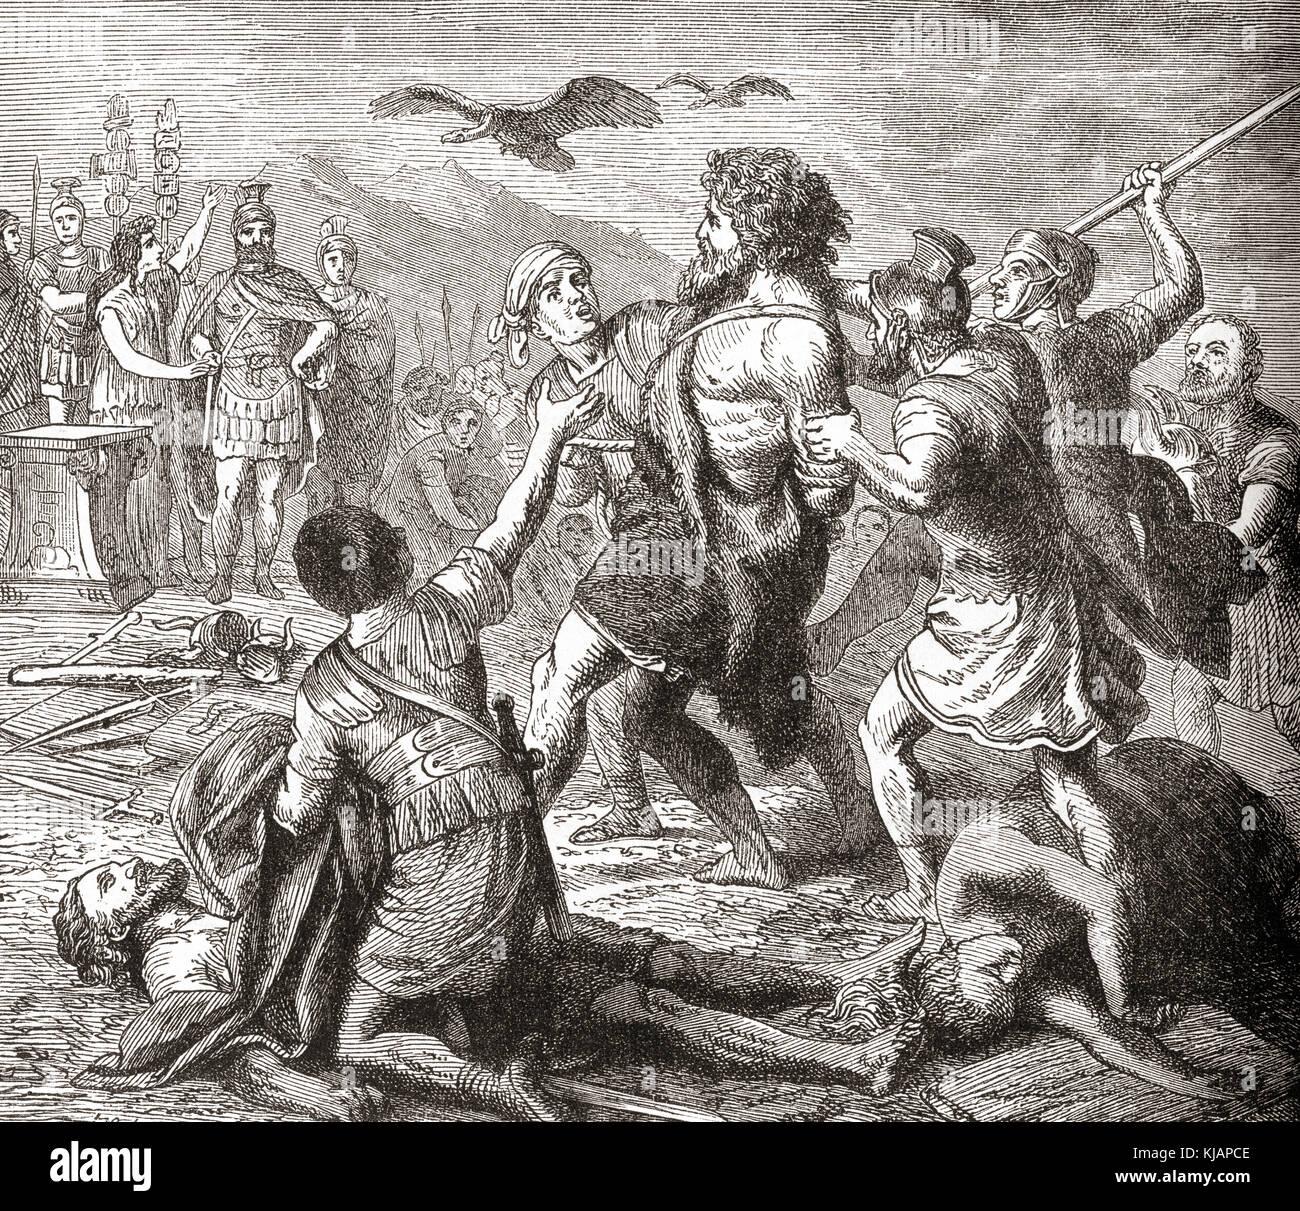 Die Erfassung von teutobochus, einem legendären Riesen und König der Germanen. von Station und Lock's Stockbild